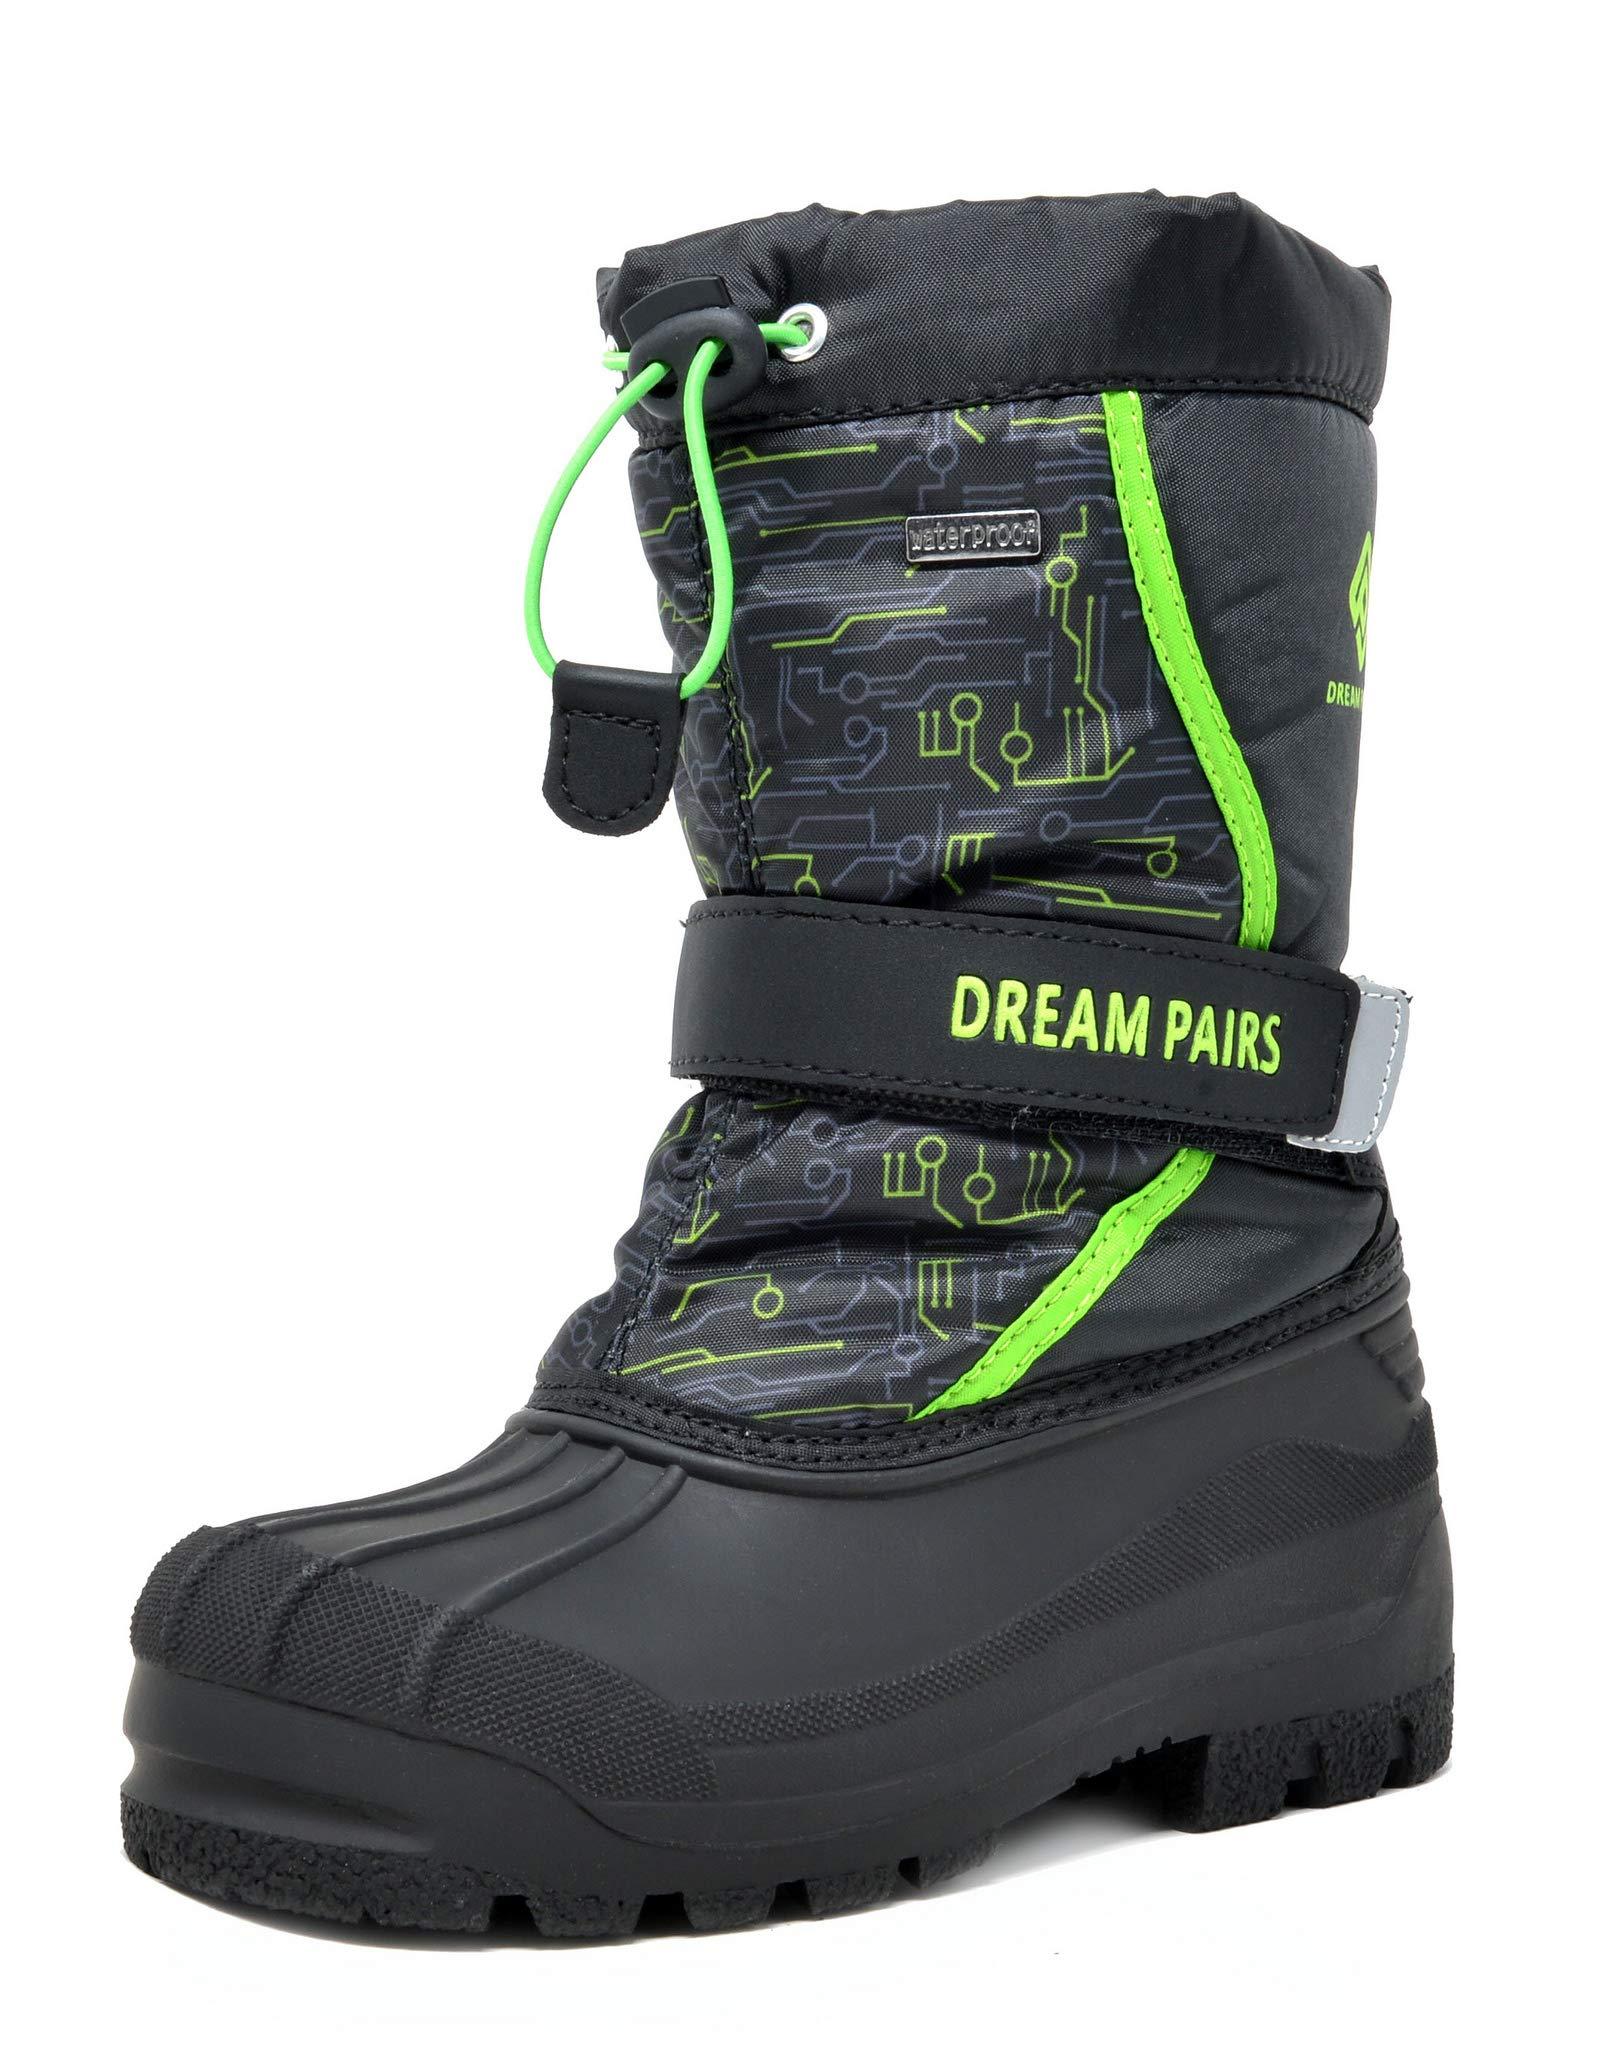 DREAM PAIRS Little N Green Waterproof